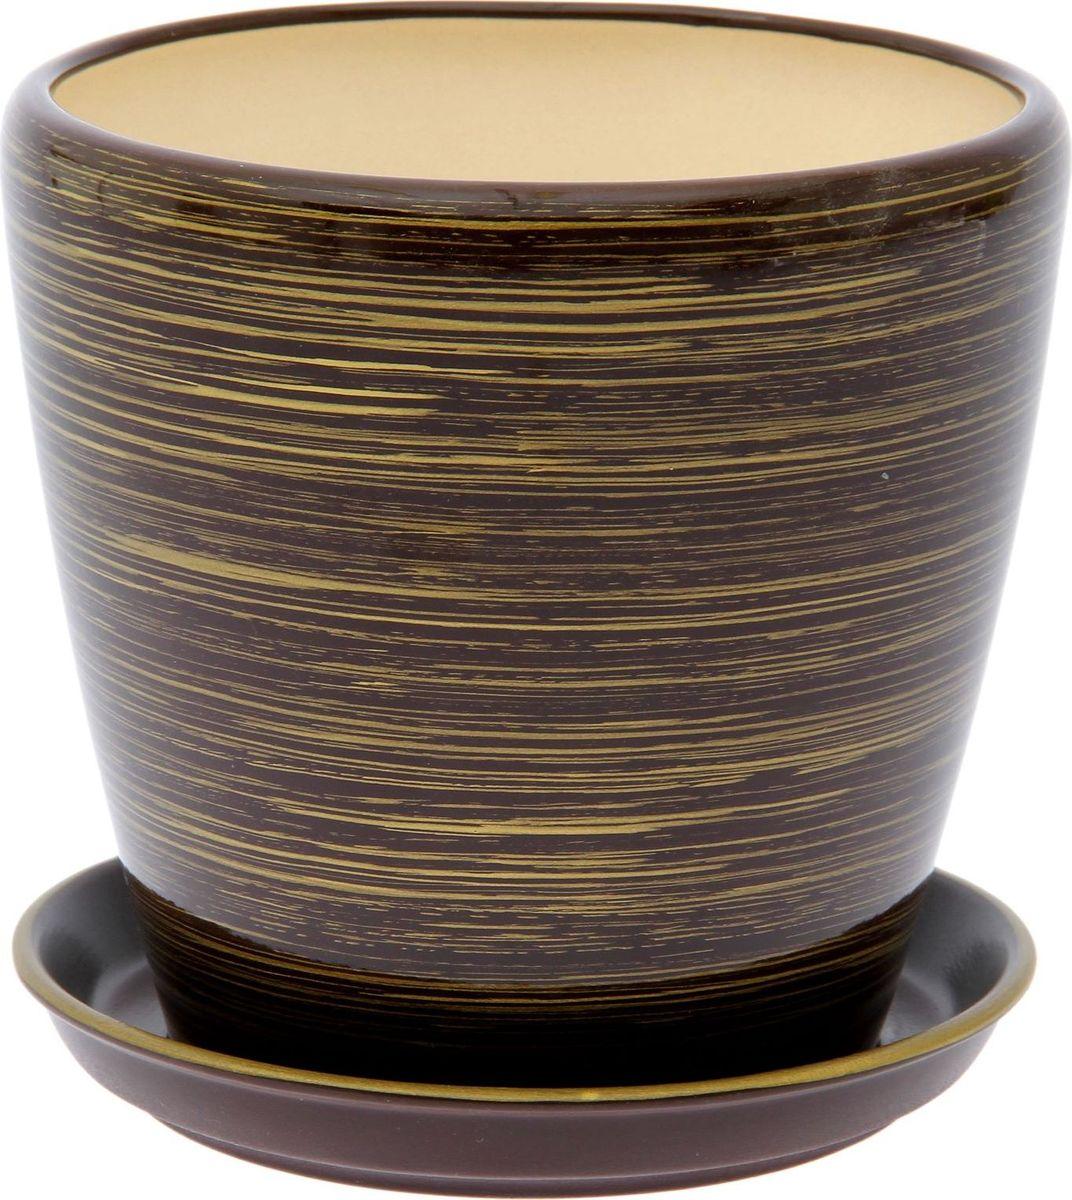 Кашпо Керамика ручной работы Грация. Глянец, цвет: шоколадный, золотой, 4,5 л1489687Комнатные растения — всеобщие любимцы. Они радуют глаз, насыщают помещение кислородом и украшают пространство. Каждому из них необходим свой удобный и красивый дом. Кашпо из керамики прекрасно подходят для высадки растений: за счёт пластичности глины и разных способов обработки существует великое множество форм и дизайновпористый материал позволяет испаряться лишней влагевоздух, необходимый для дыхания корней, проникает сквозь керамические стенки! #name# позаботится о зелёном питомце, освежит интерьер и подчеркнёт его стиль.